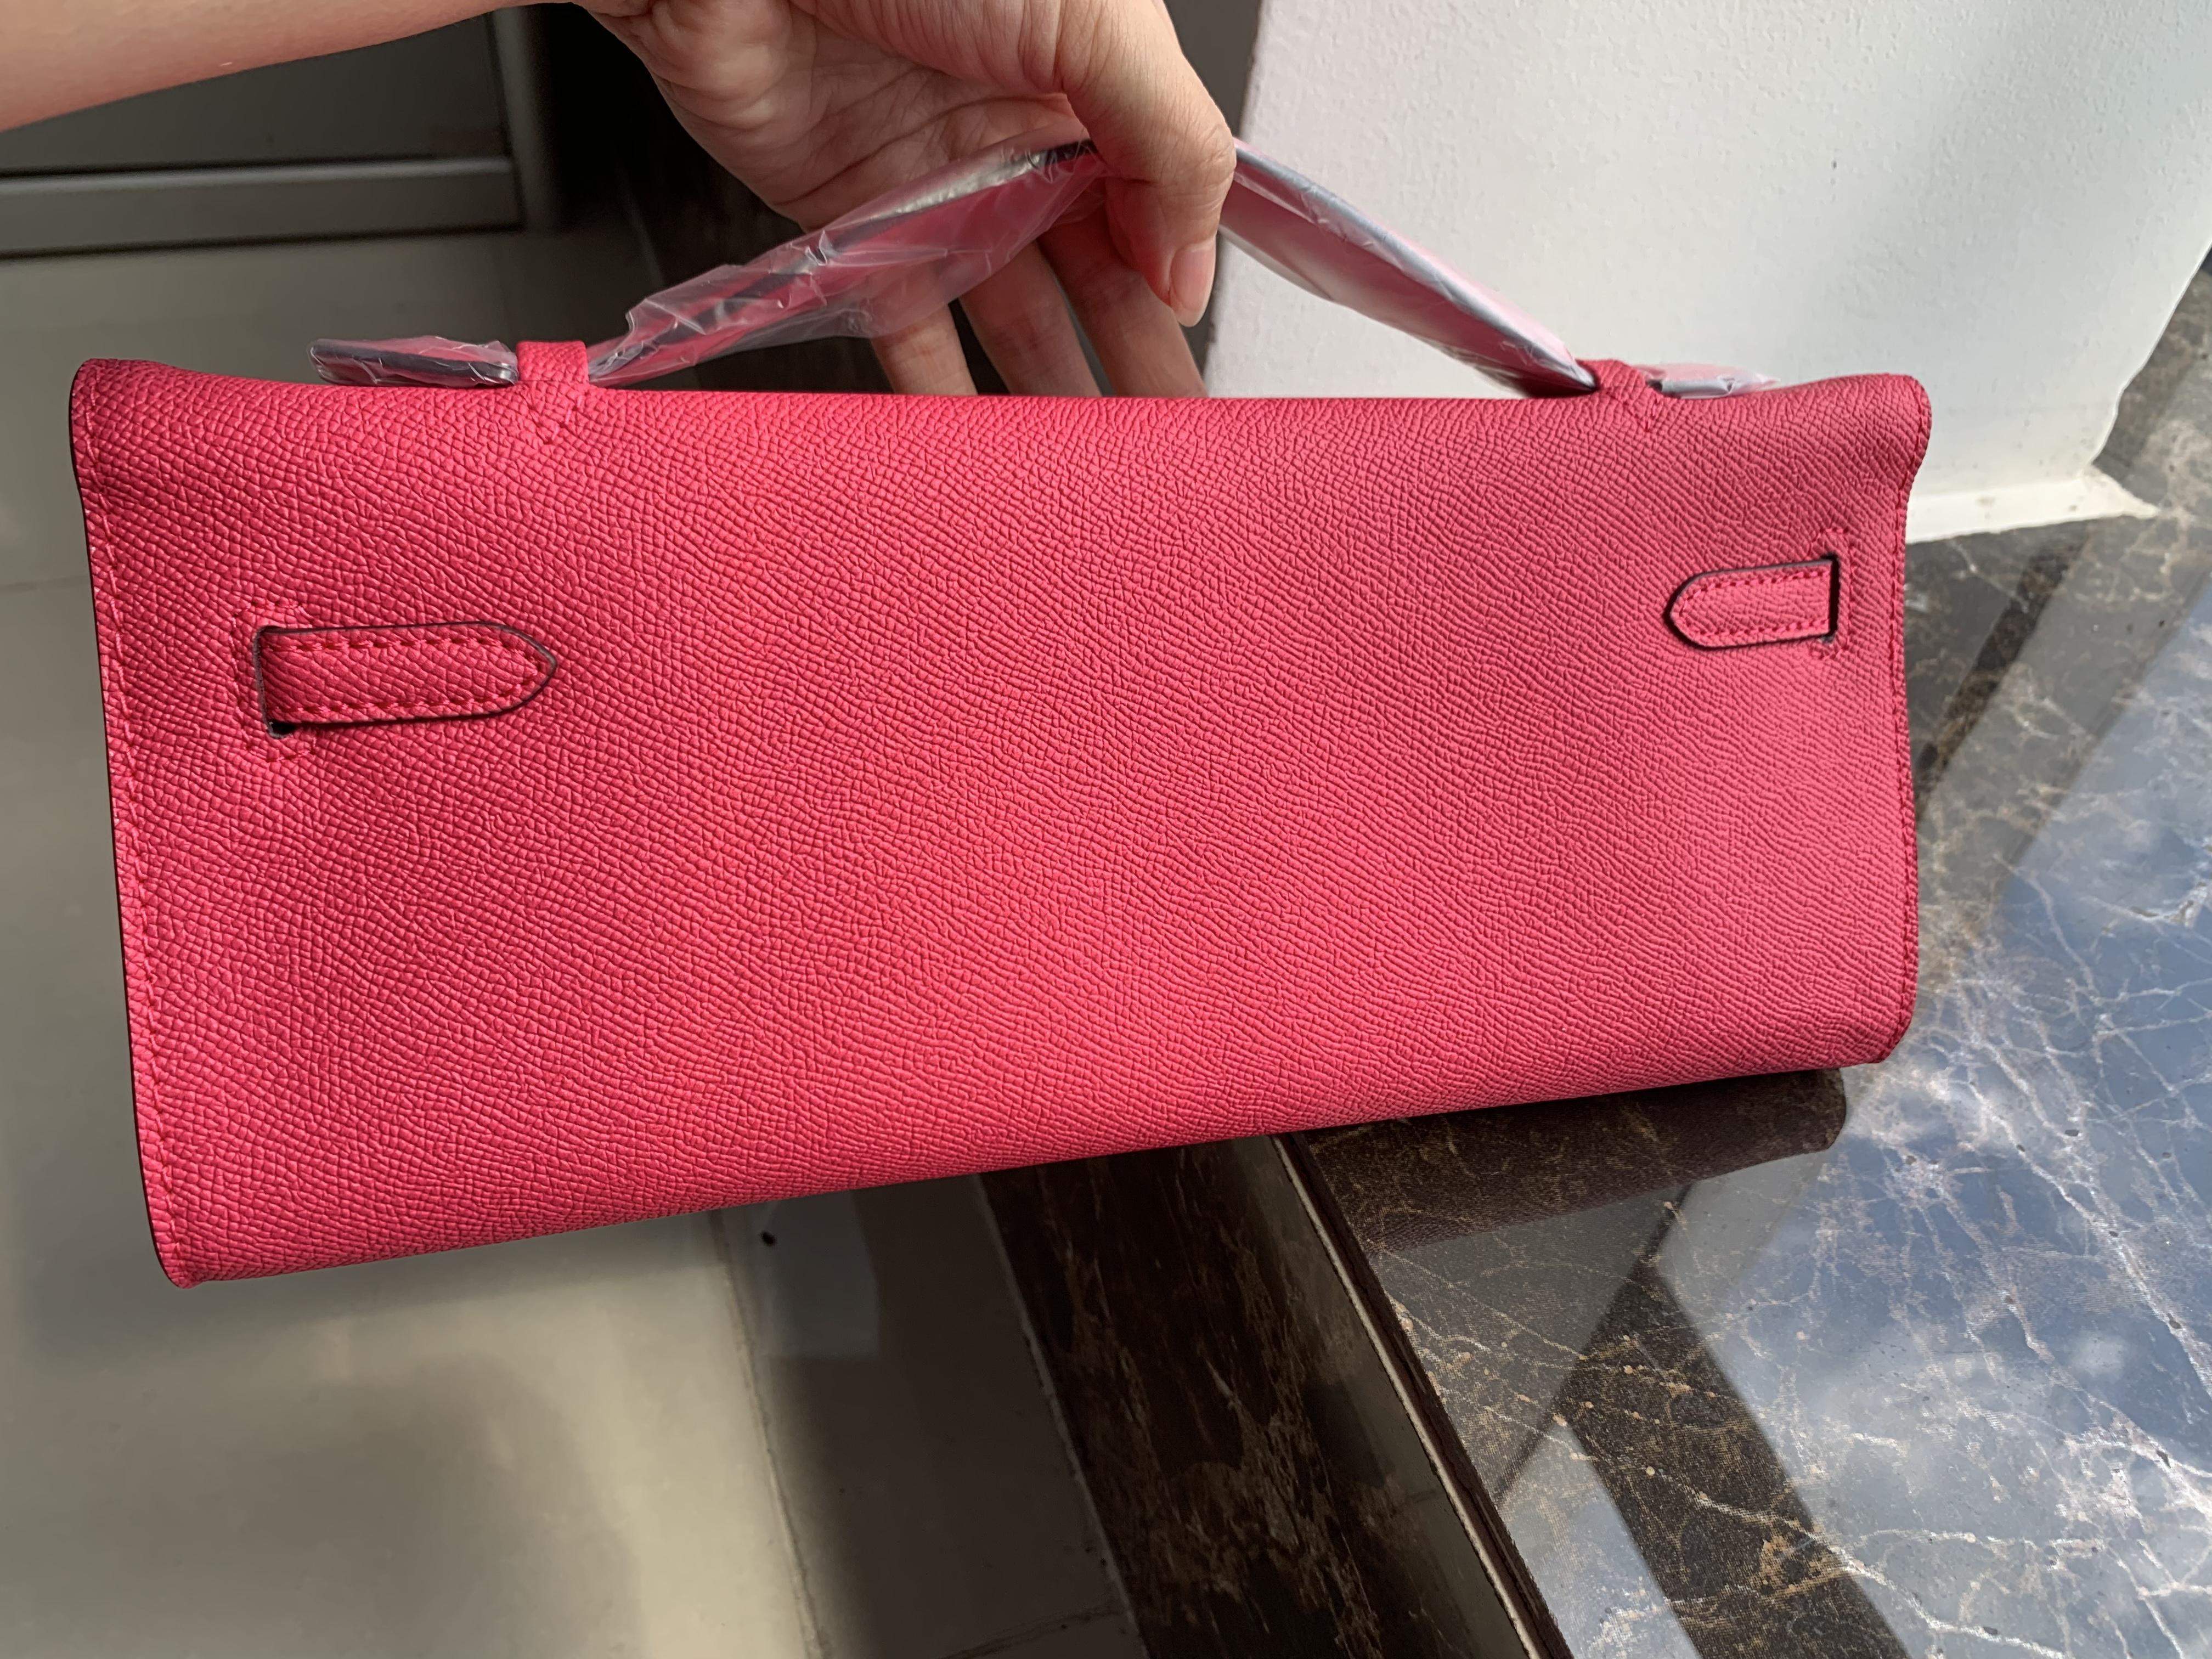 Tasche Leder Kupplung Geldbörse Tasche Alligator Echte Taschen Handtasche Geldbörse Umschlag Münze Frauen Brieftasche Hot Bag Platinum Onarg